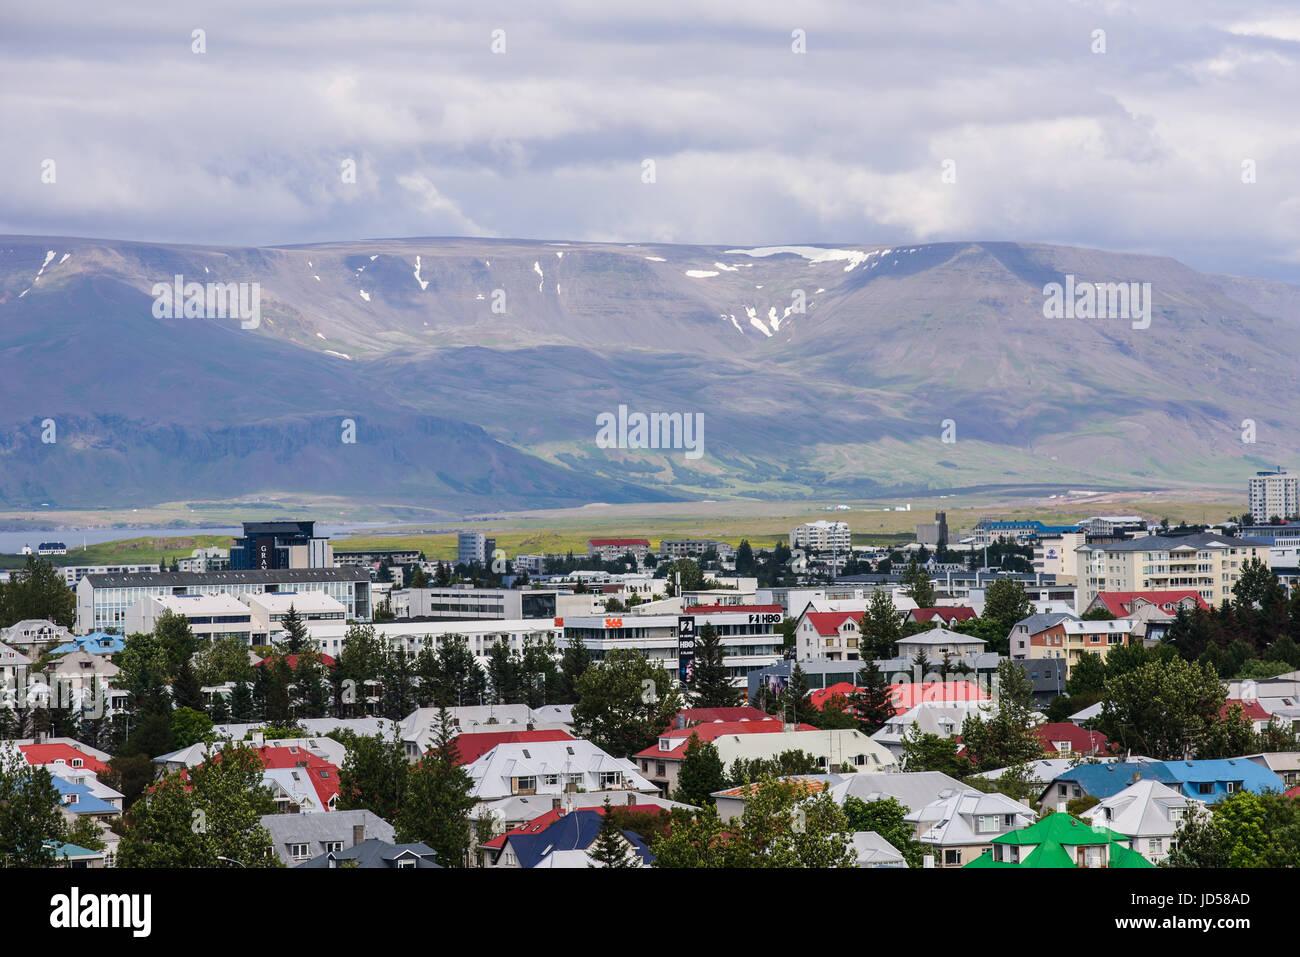 Sur les montagnes d'Islande. Photo Stock